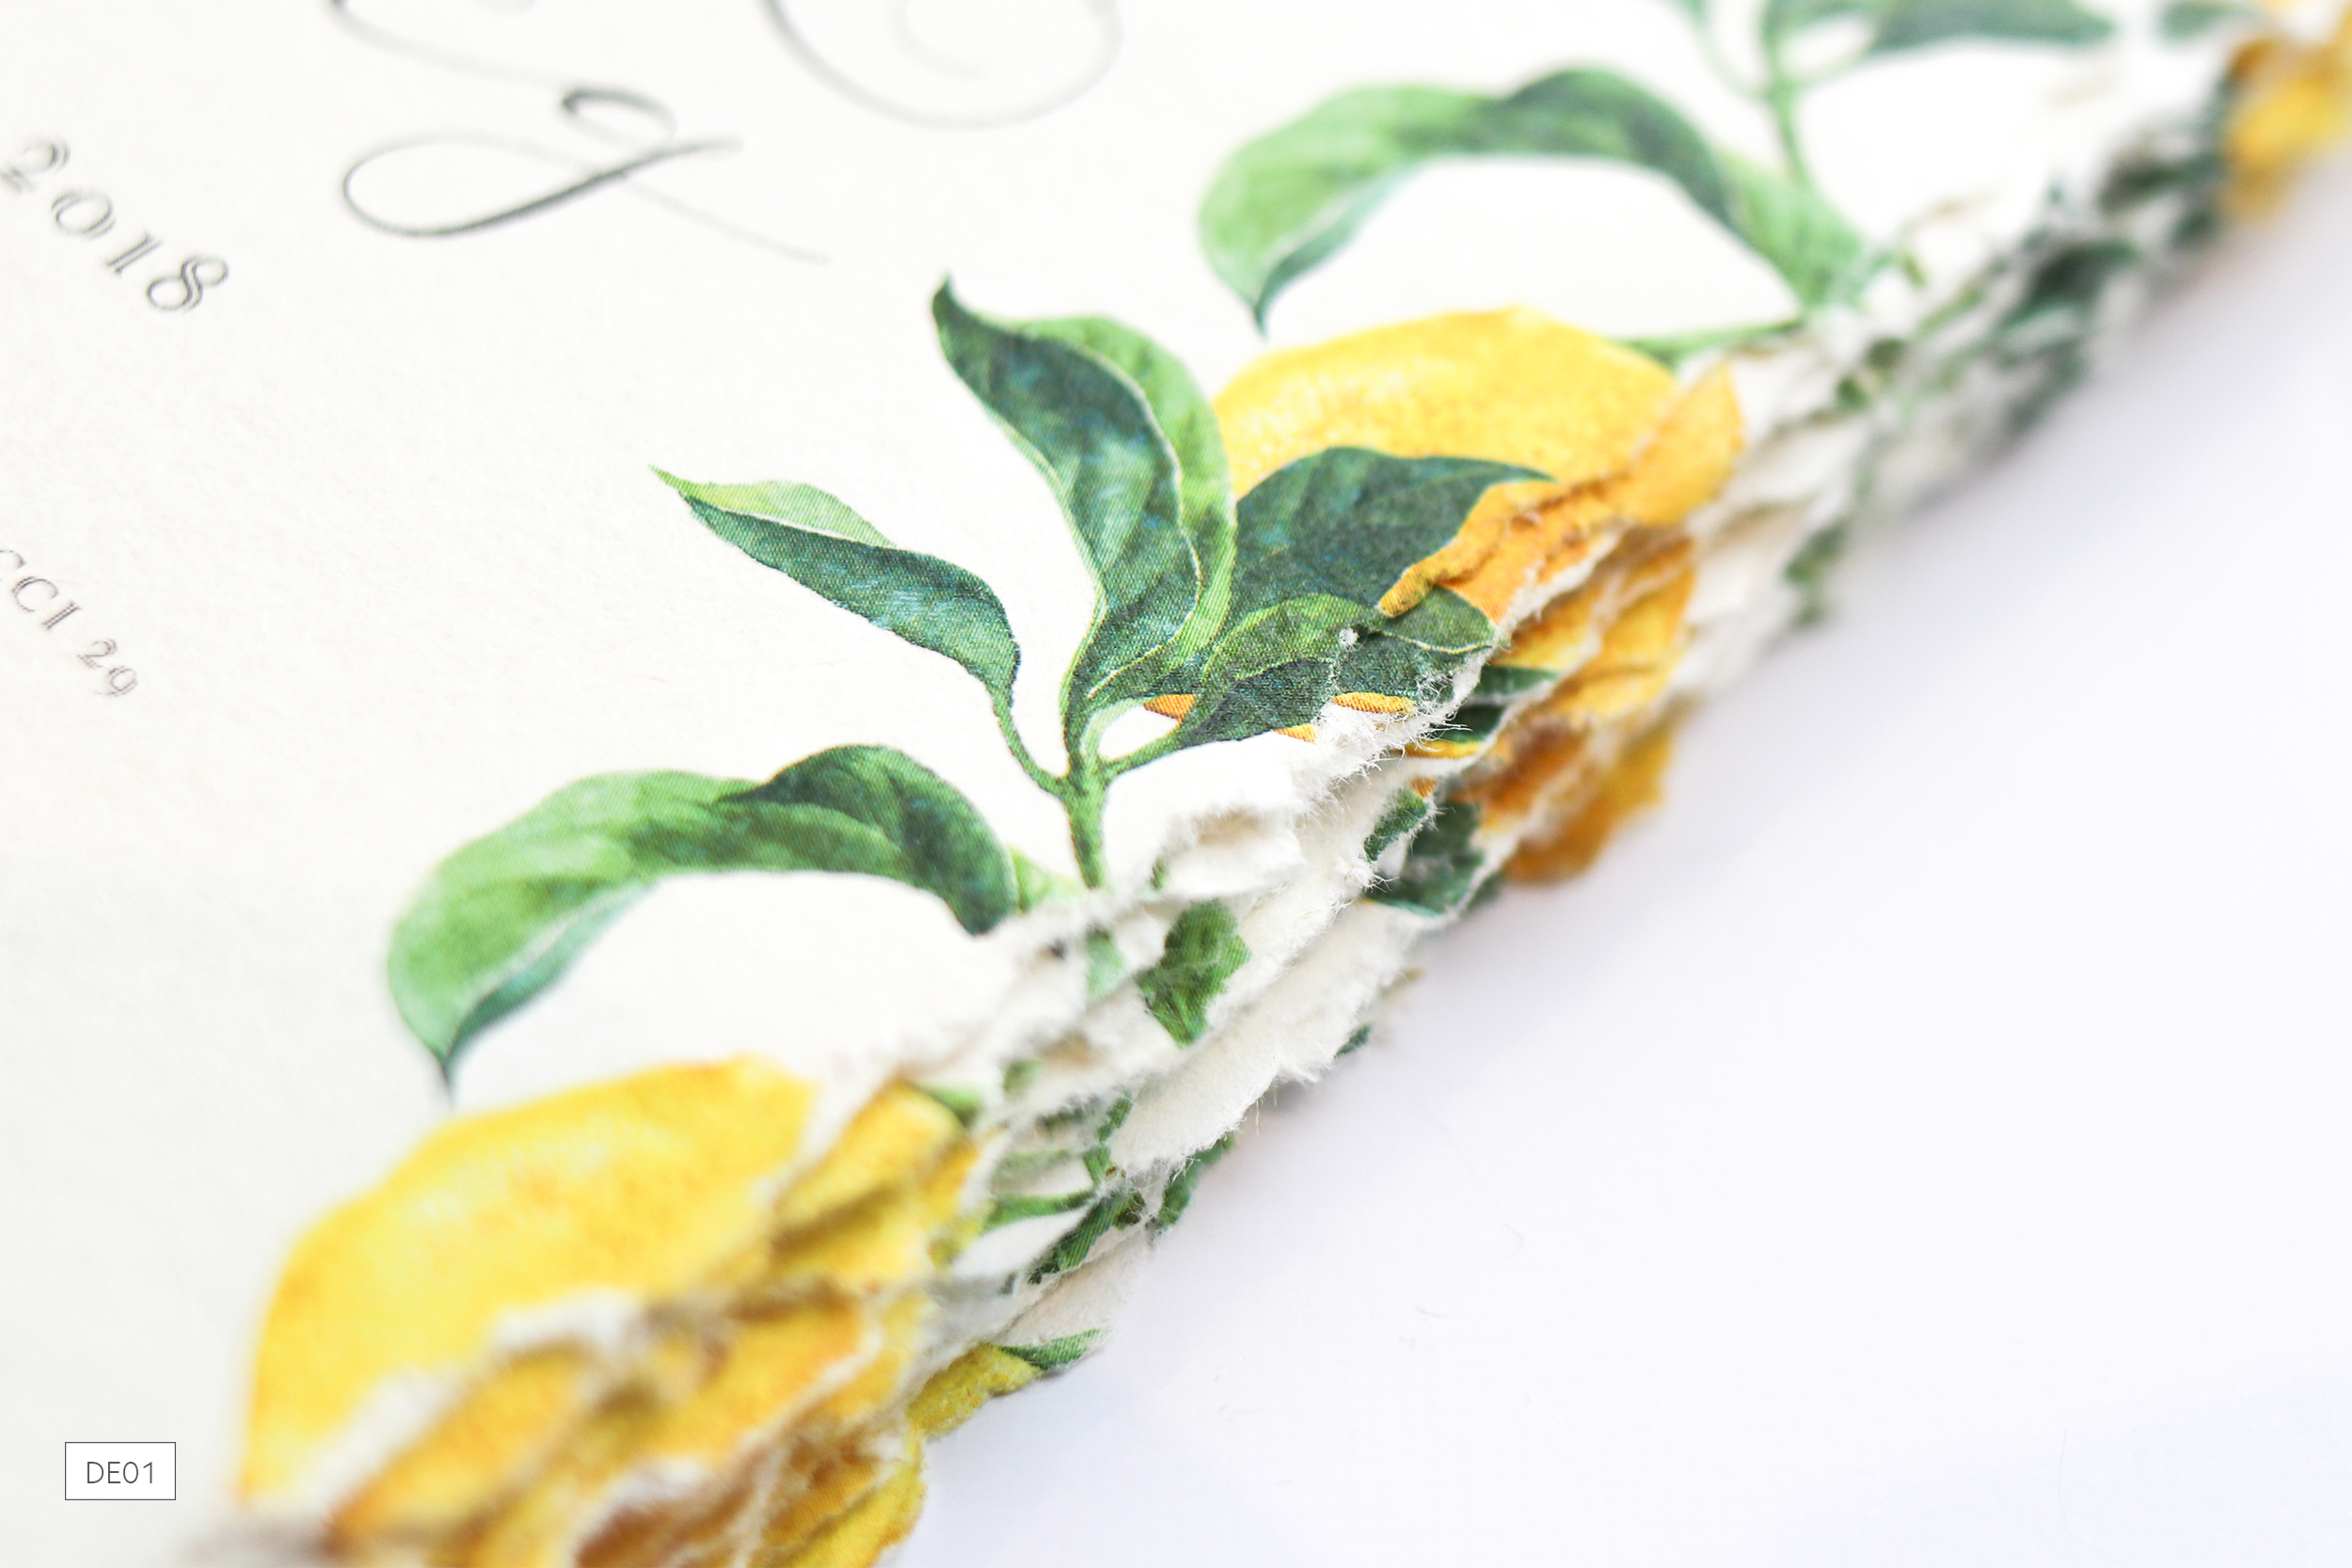 DE01-Destination-Weddings3-Lemons_ananyacards.com.jpg